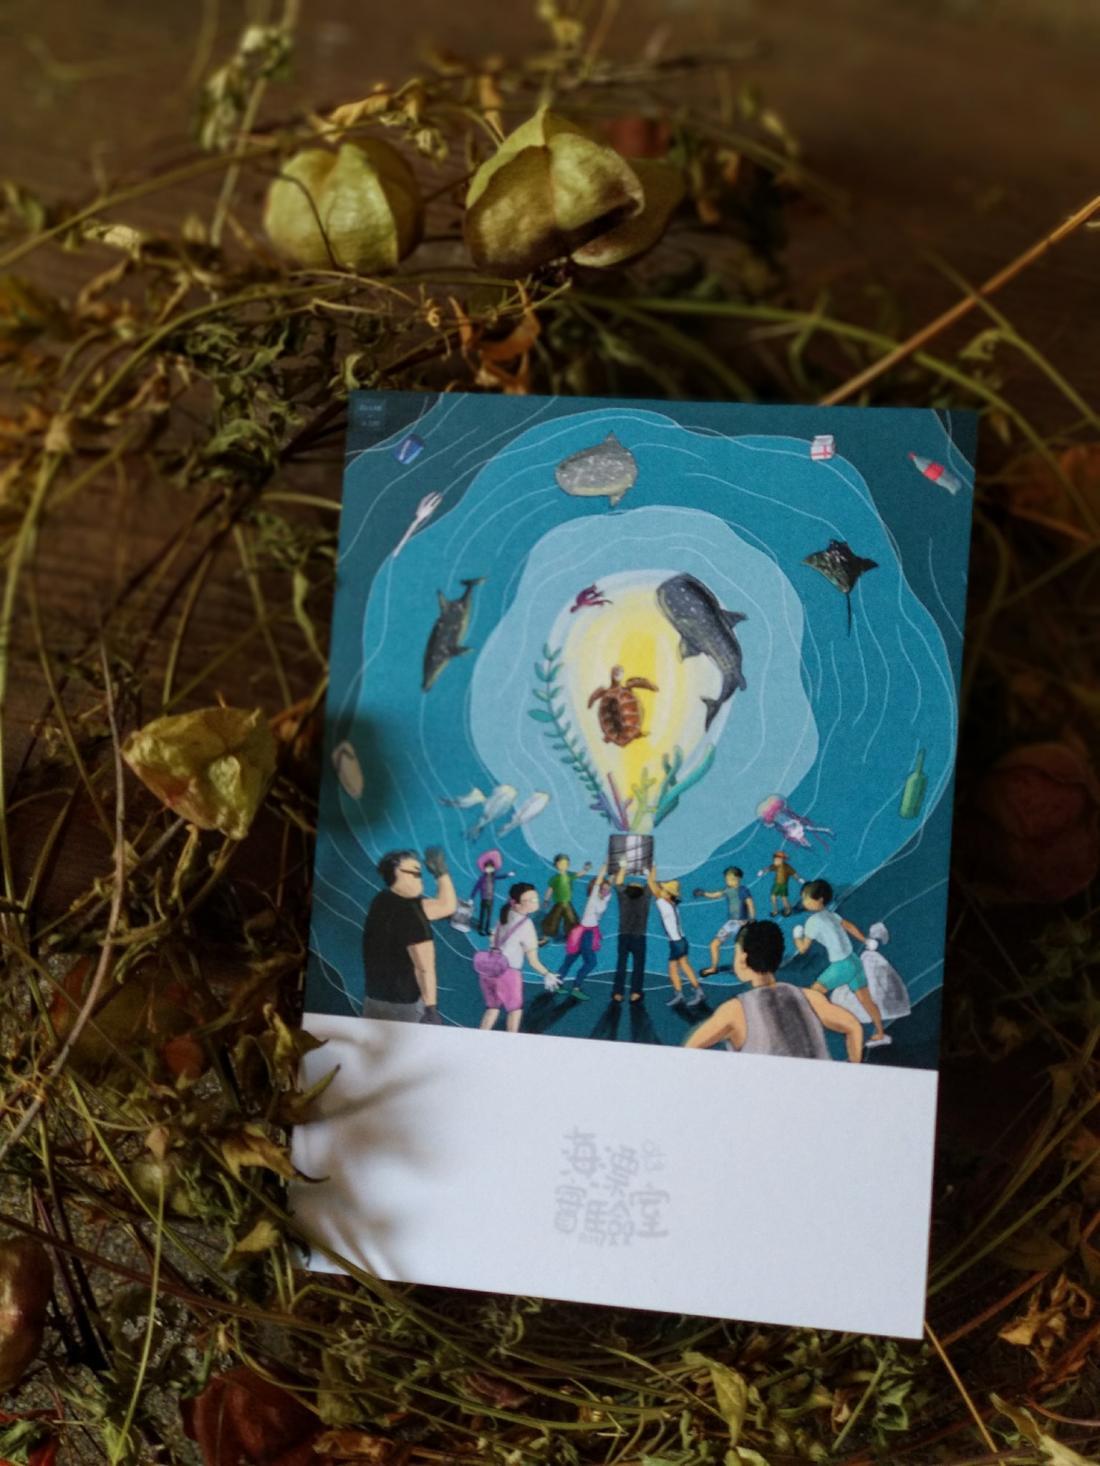 實體明信片,跟我們一起吧 (招手)。海漂